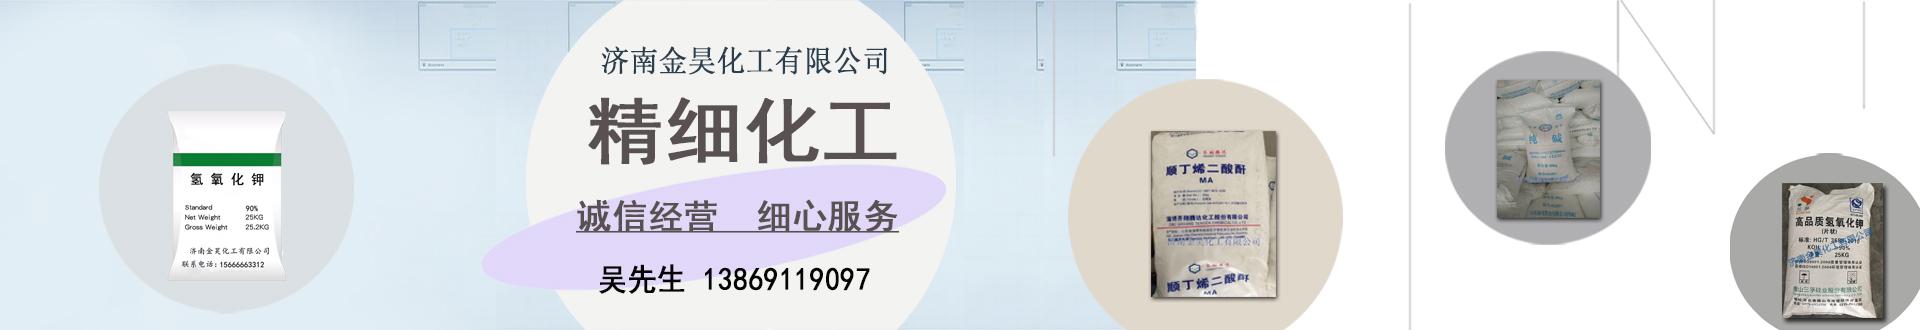 济南金昊化工有限公司